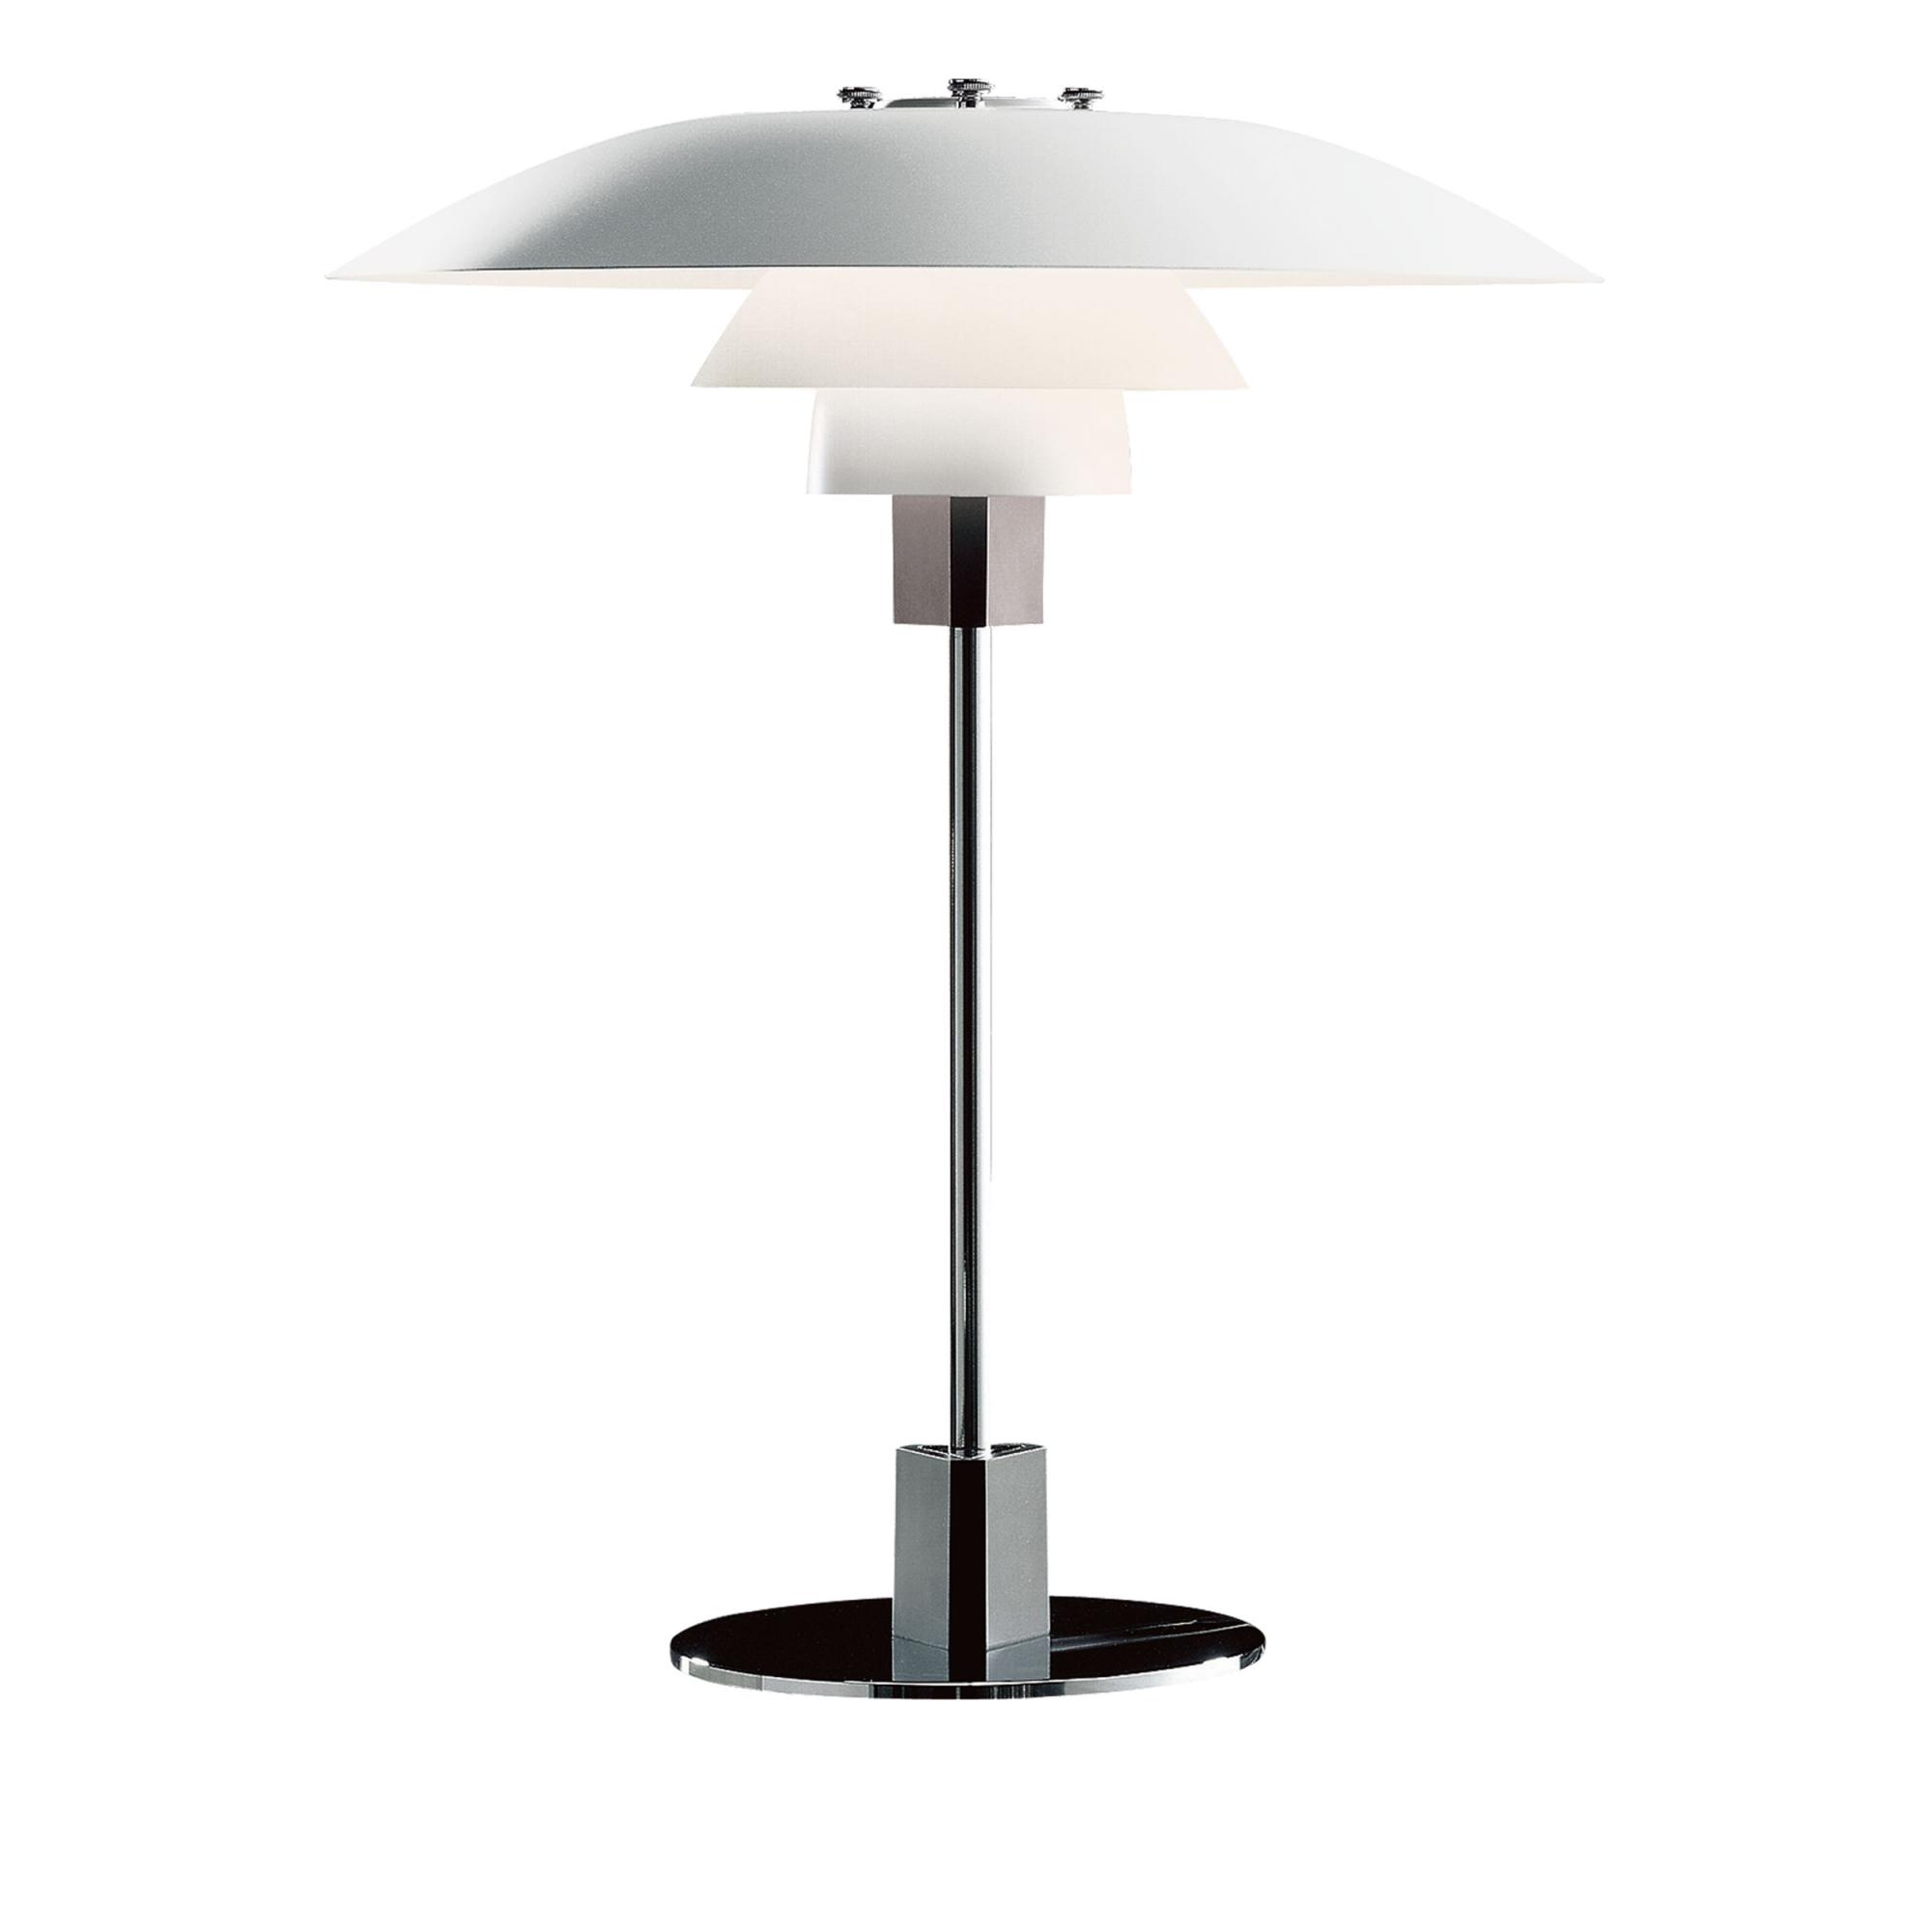 Köp PH 43 Bordslampa från Louis Poulsen | Nordiska Galleriet